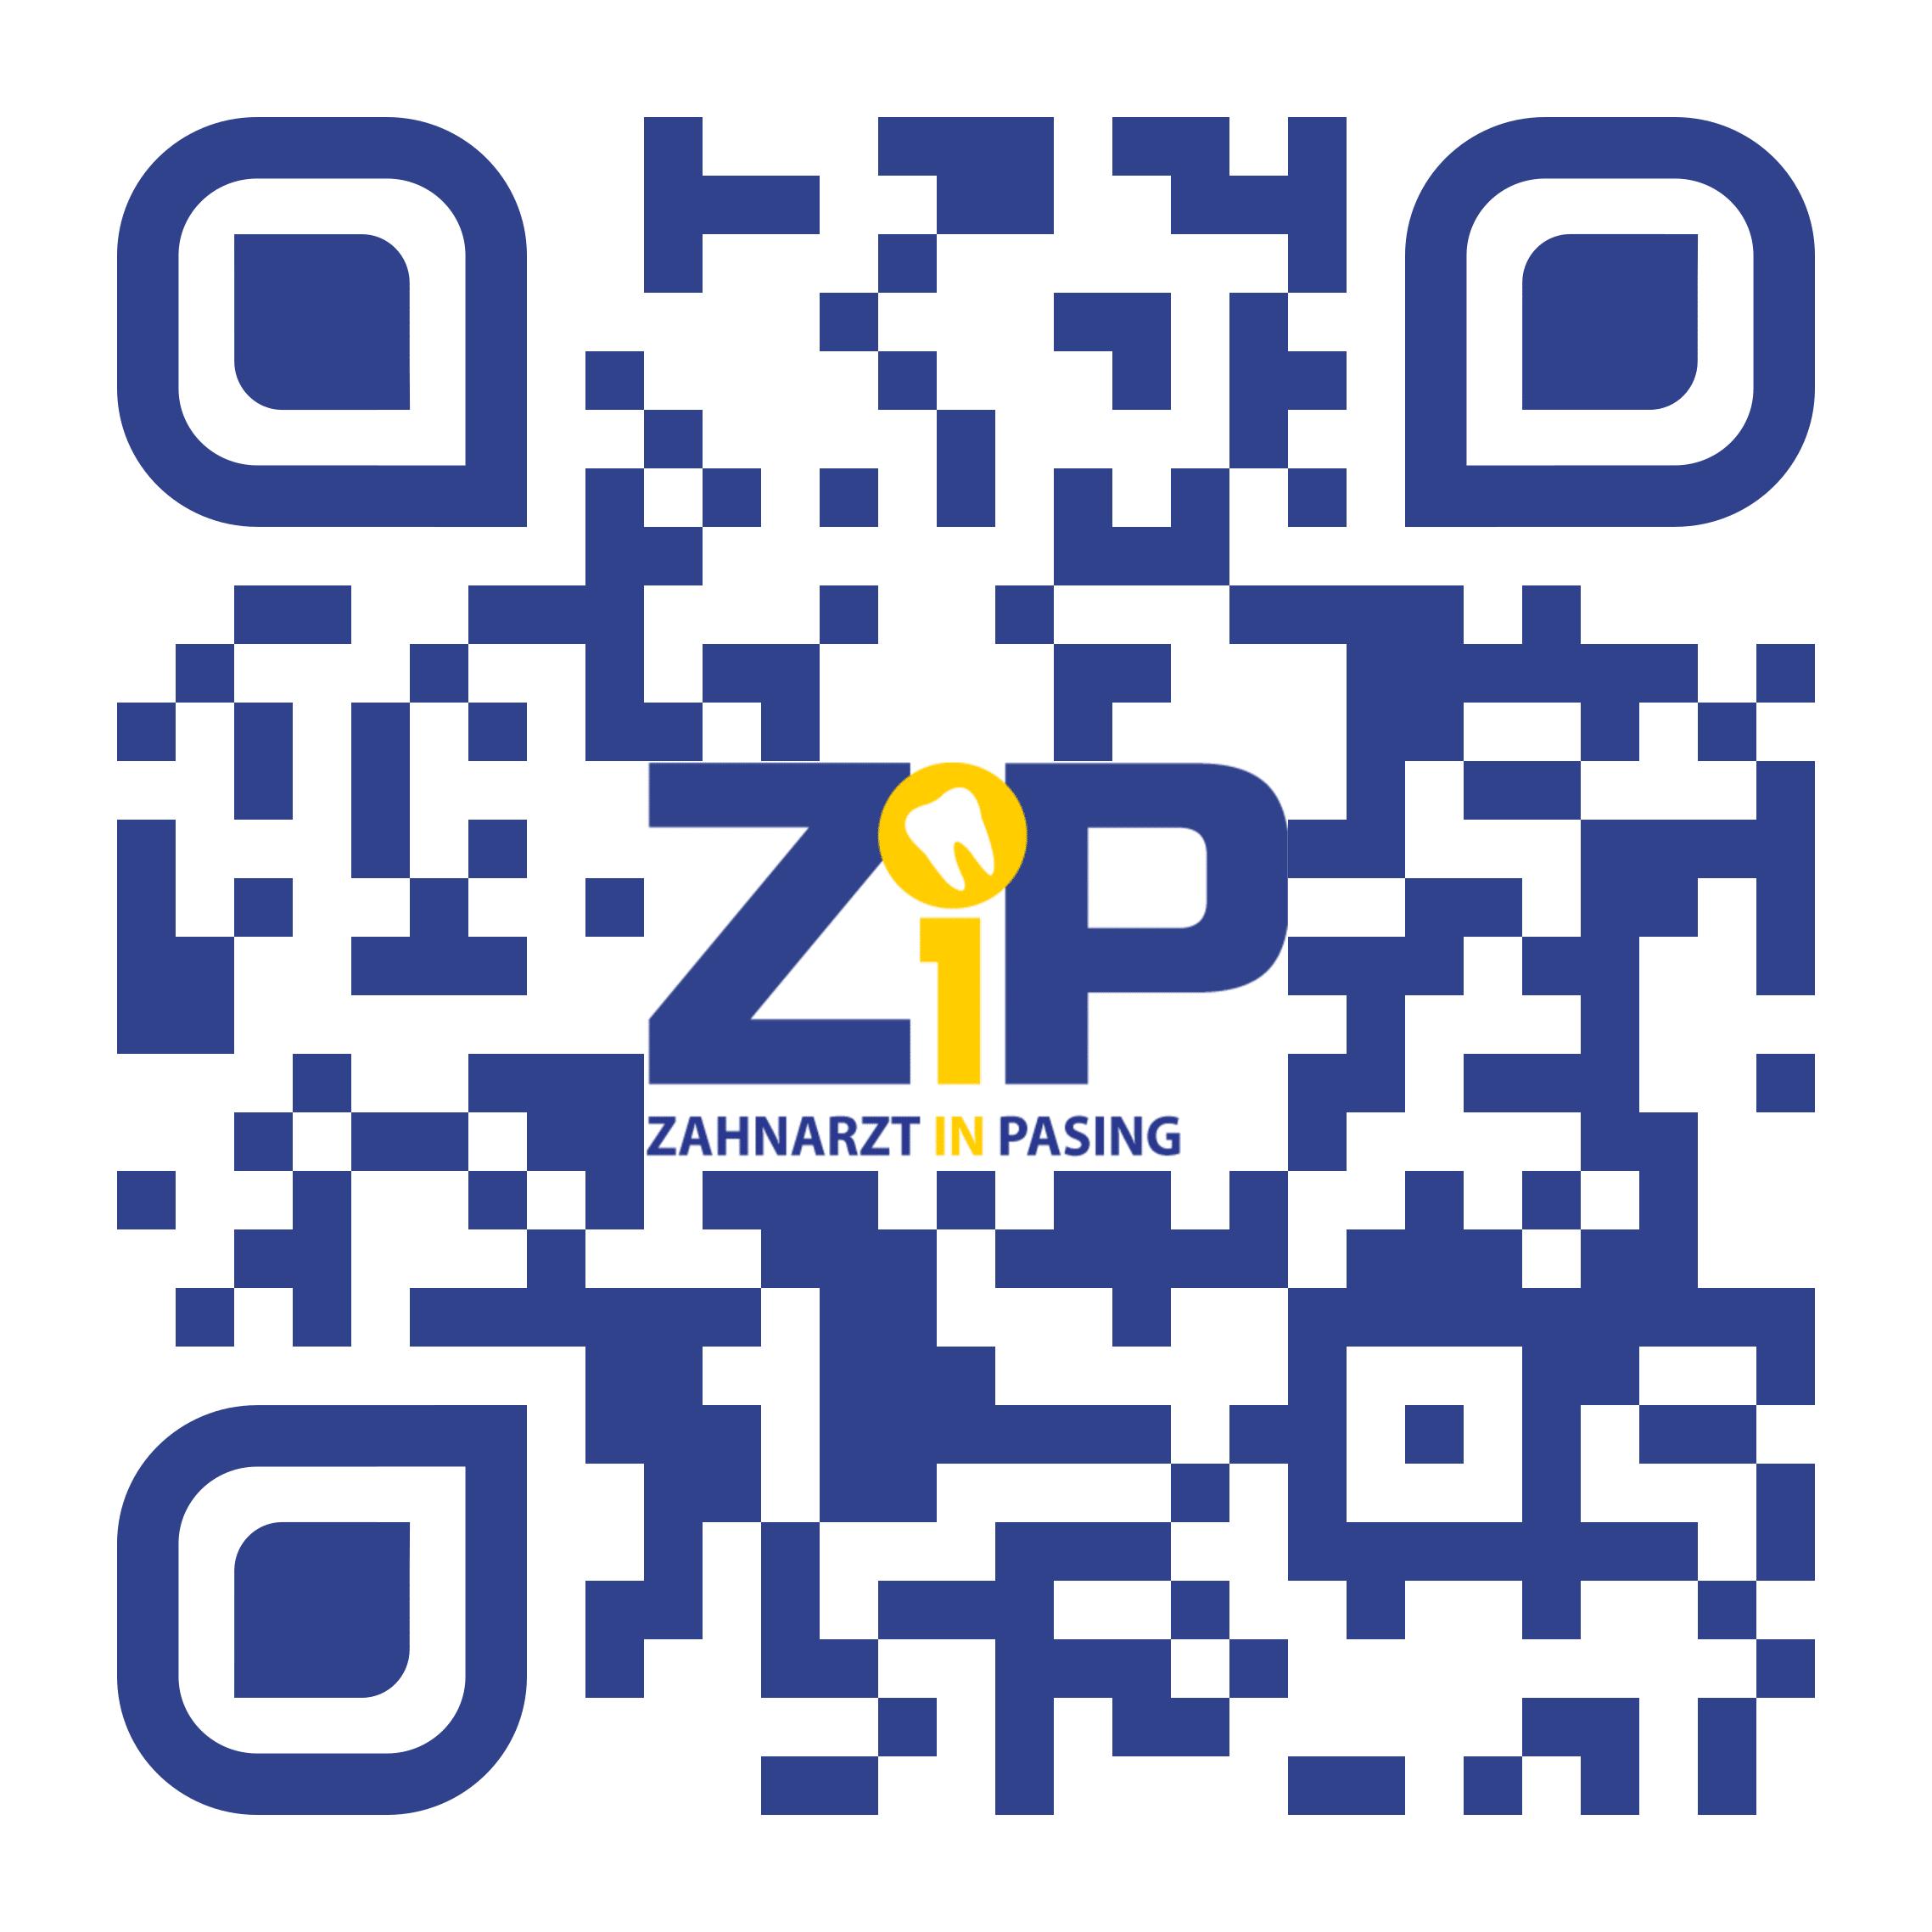 http://bit.ly/zip-de